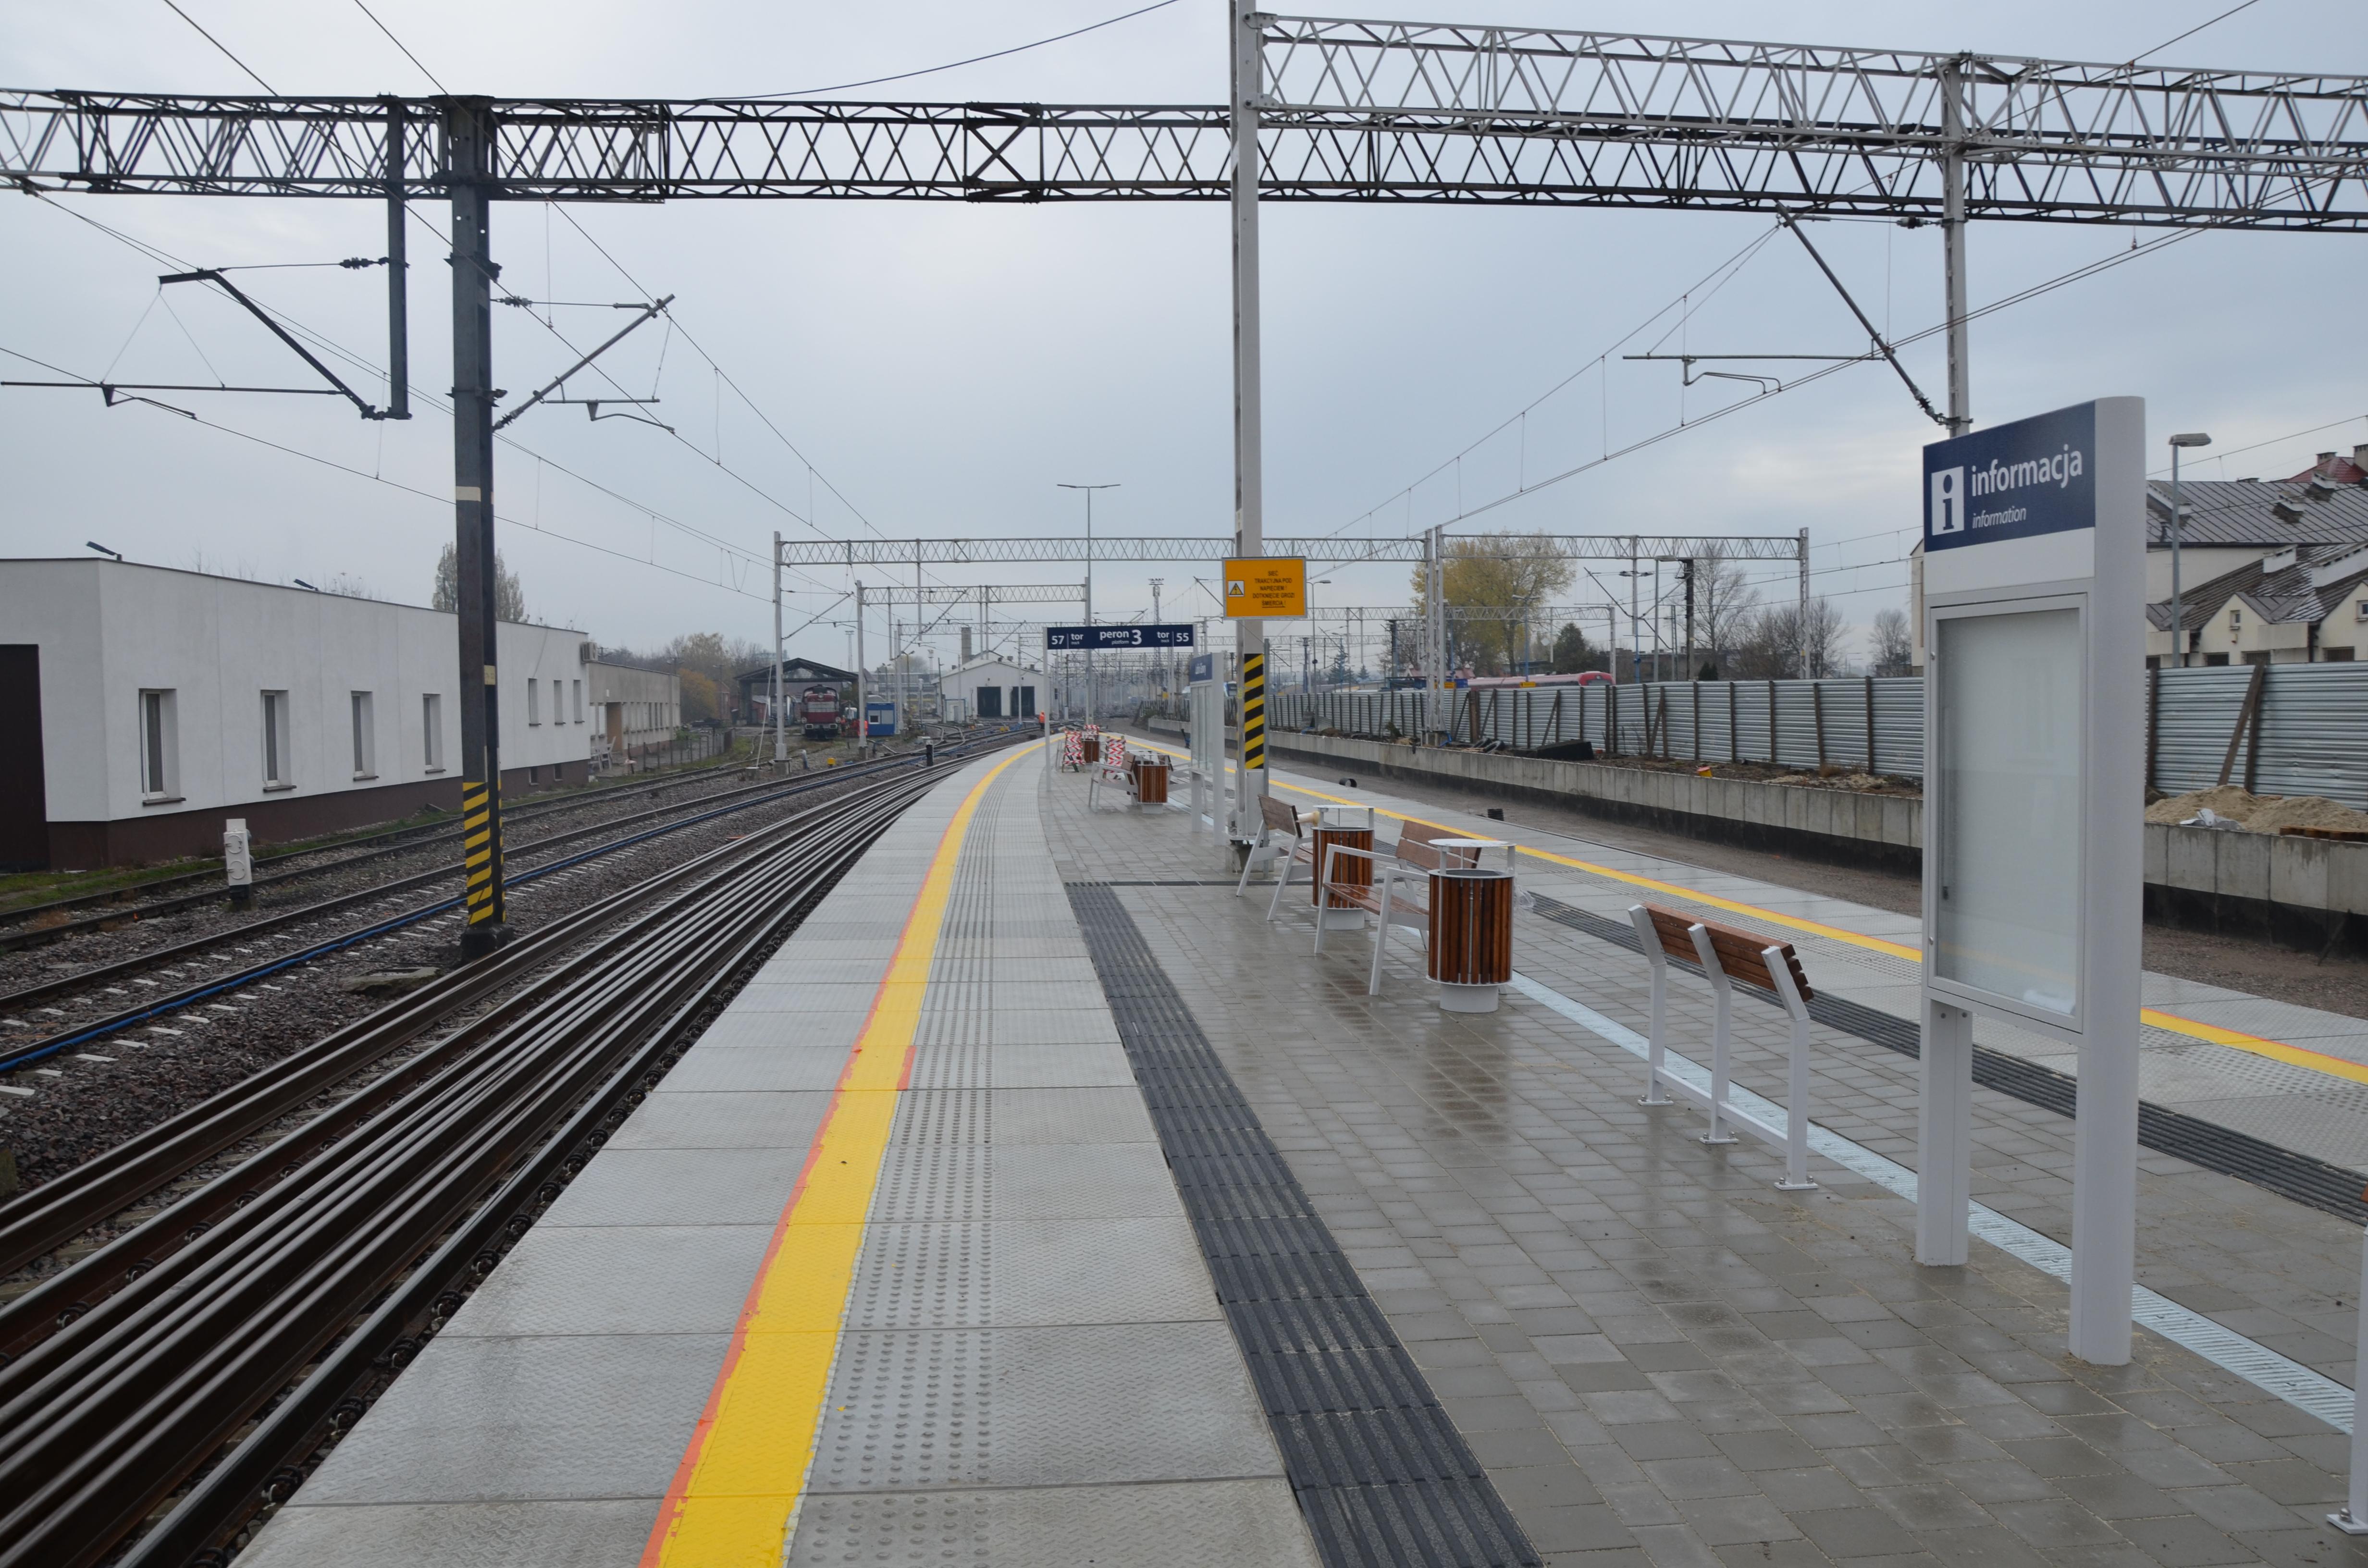 Zdjęcie przedstawia zmodernizowany peron na trasie Puławy-Lublin